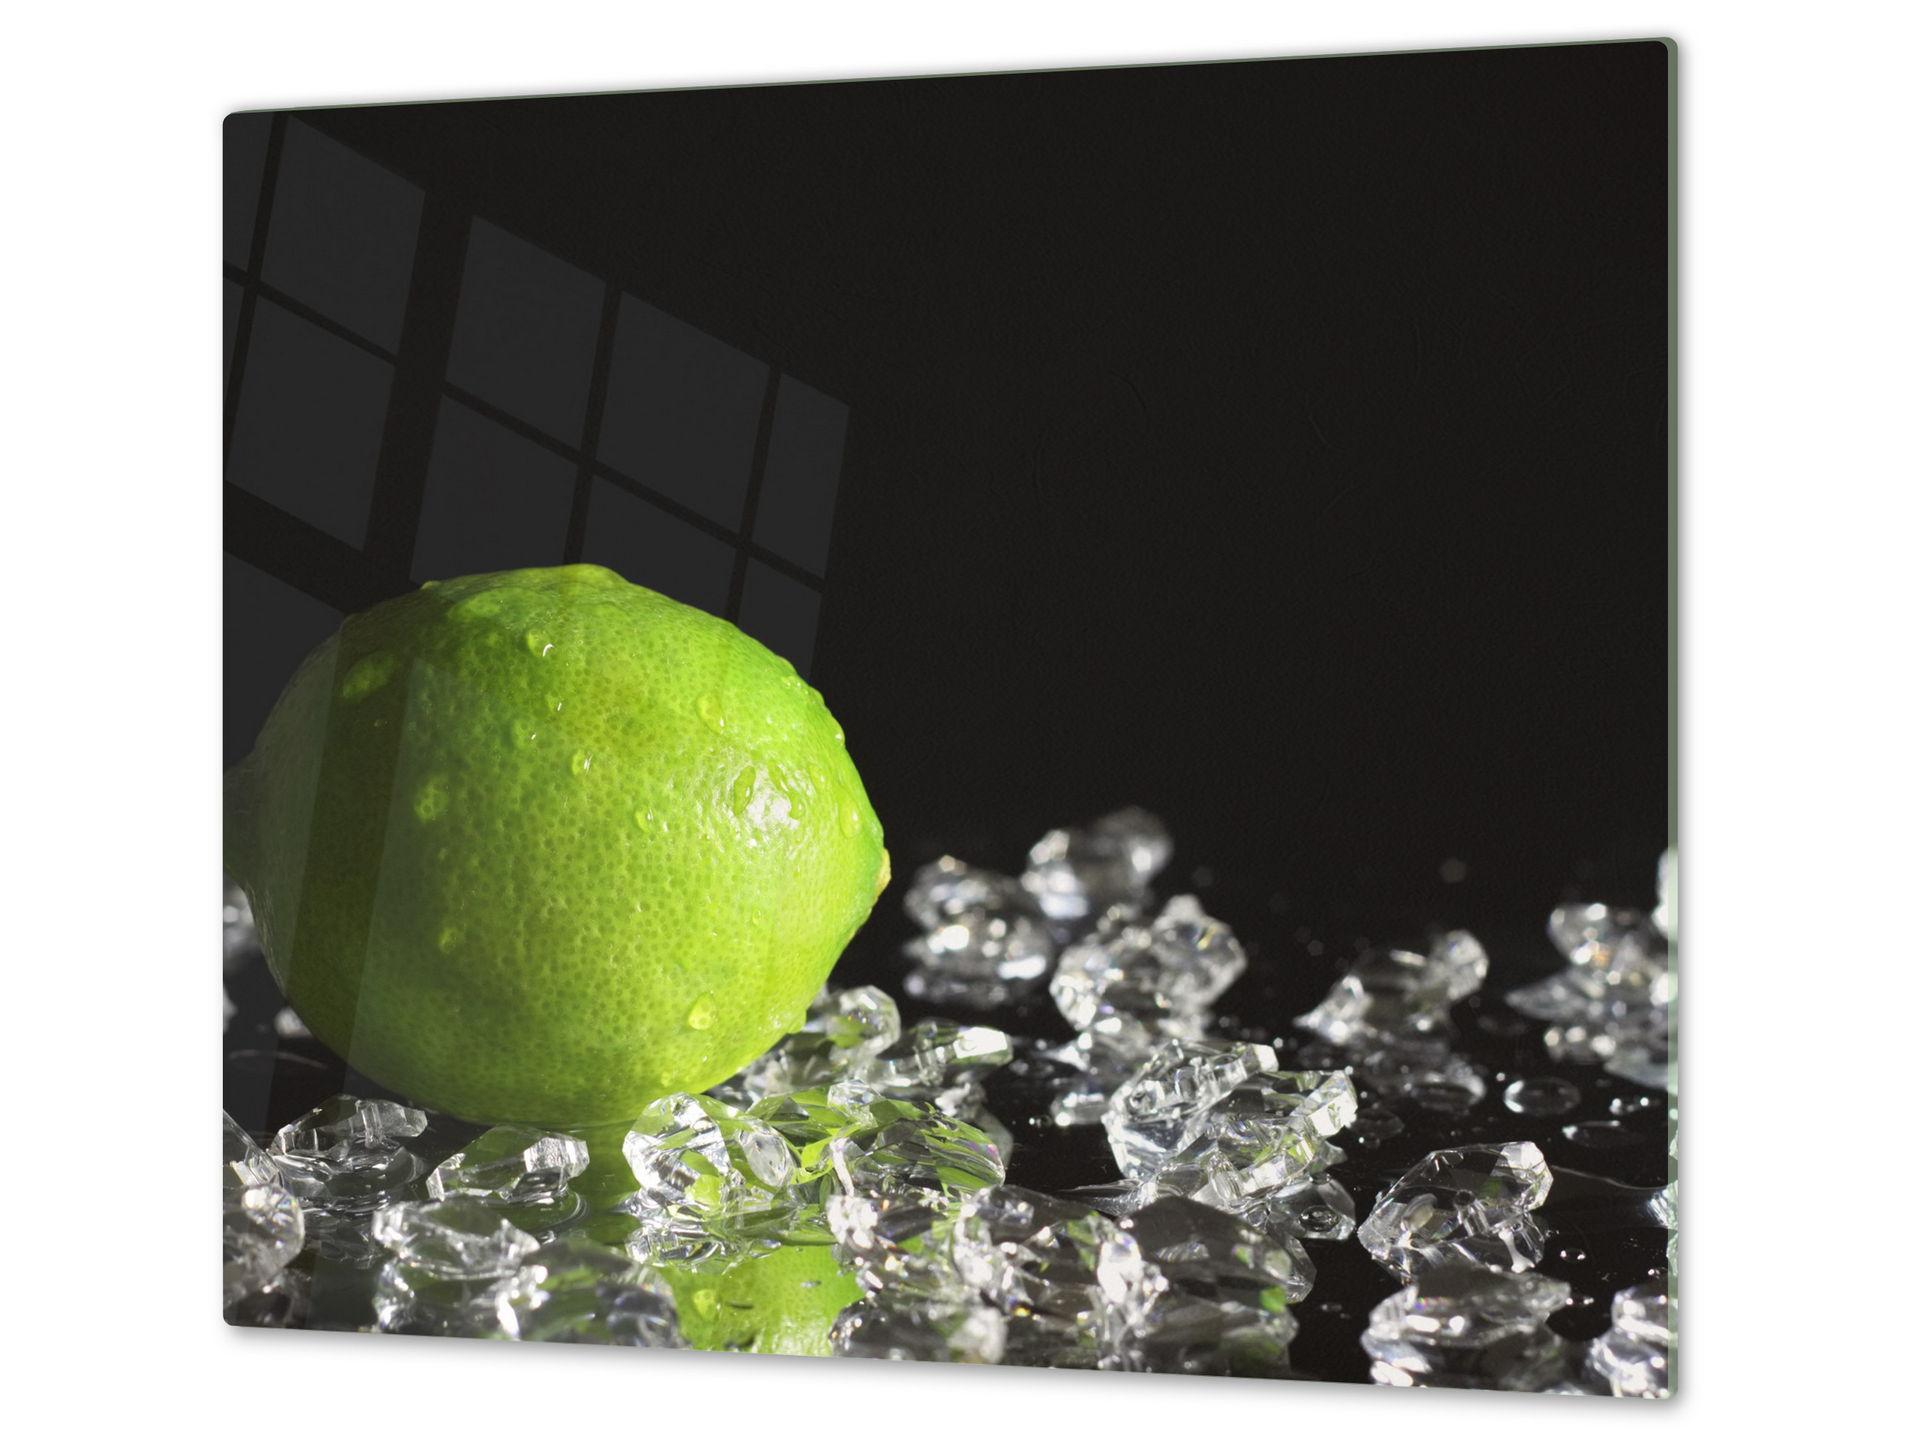 Abdeckung Induktionskochfeld Glas Abdeckplatte geh/ärteres Glas 60x52 cm Schneidebrett Herdabdeckplatte